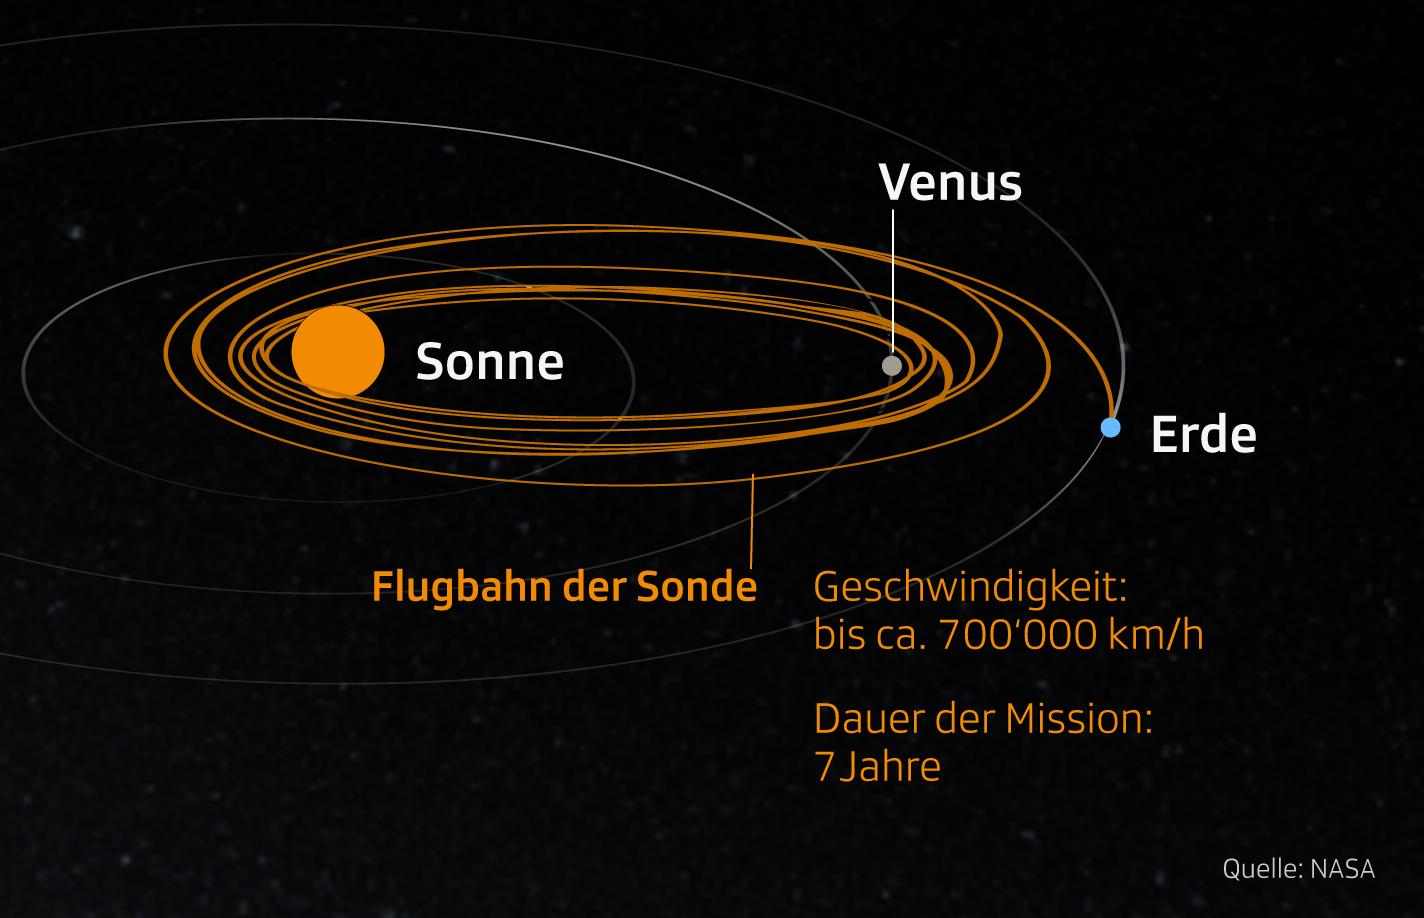 Grafik zeigt Informationen zur Mission der Parker Solar Probe